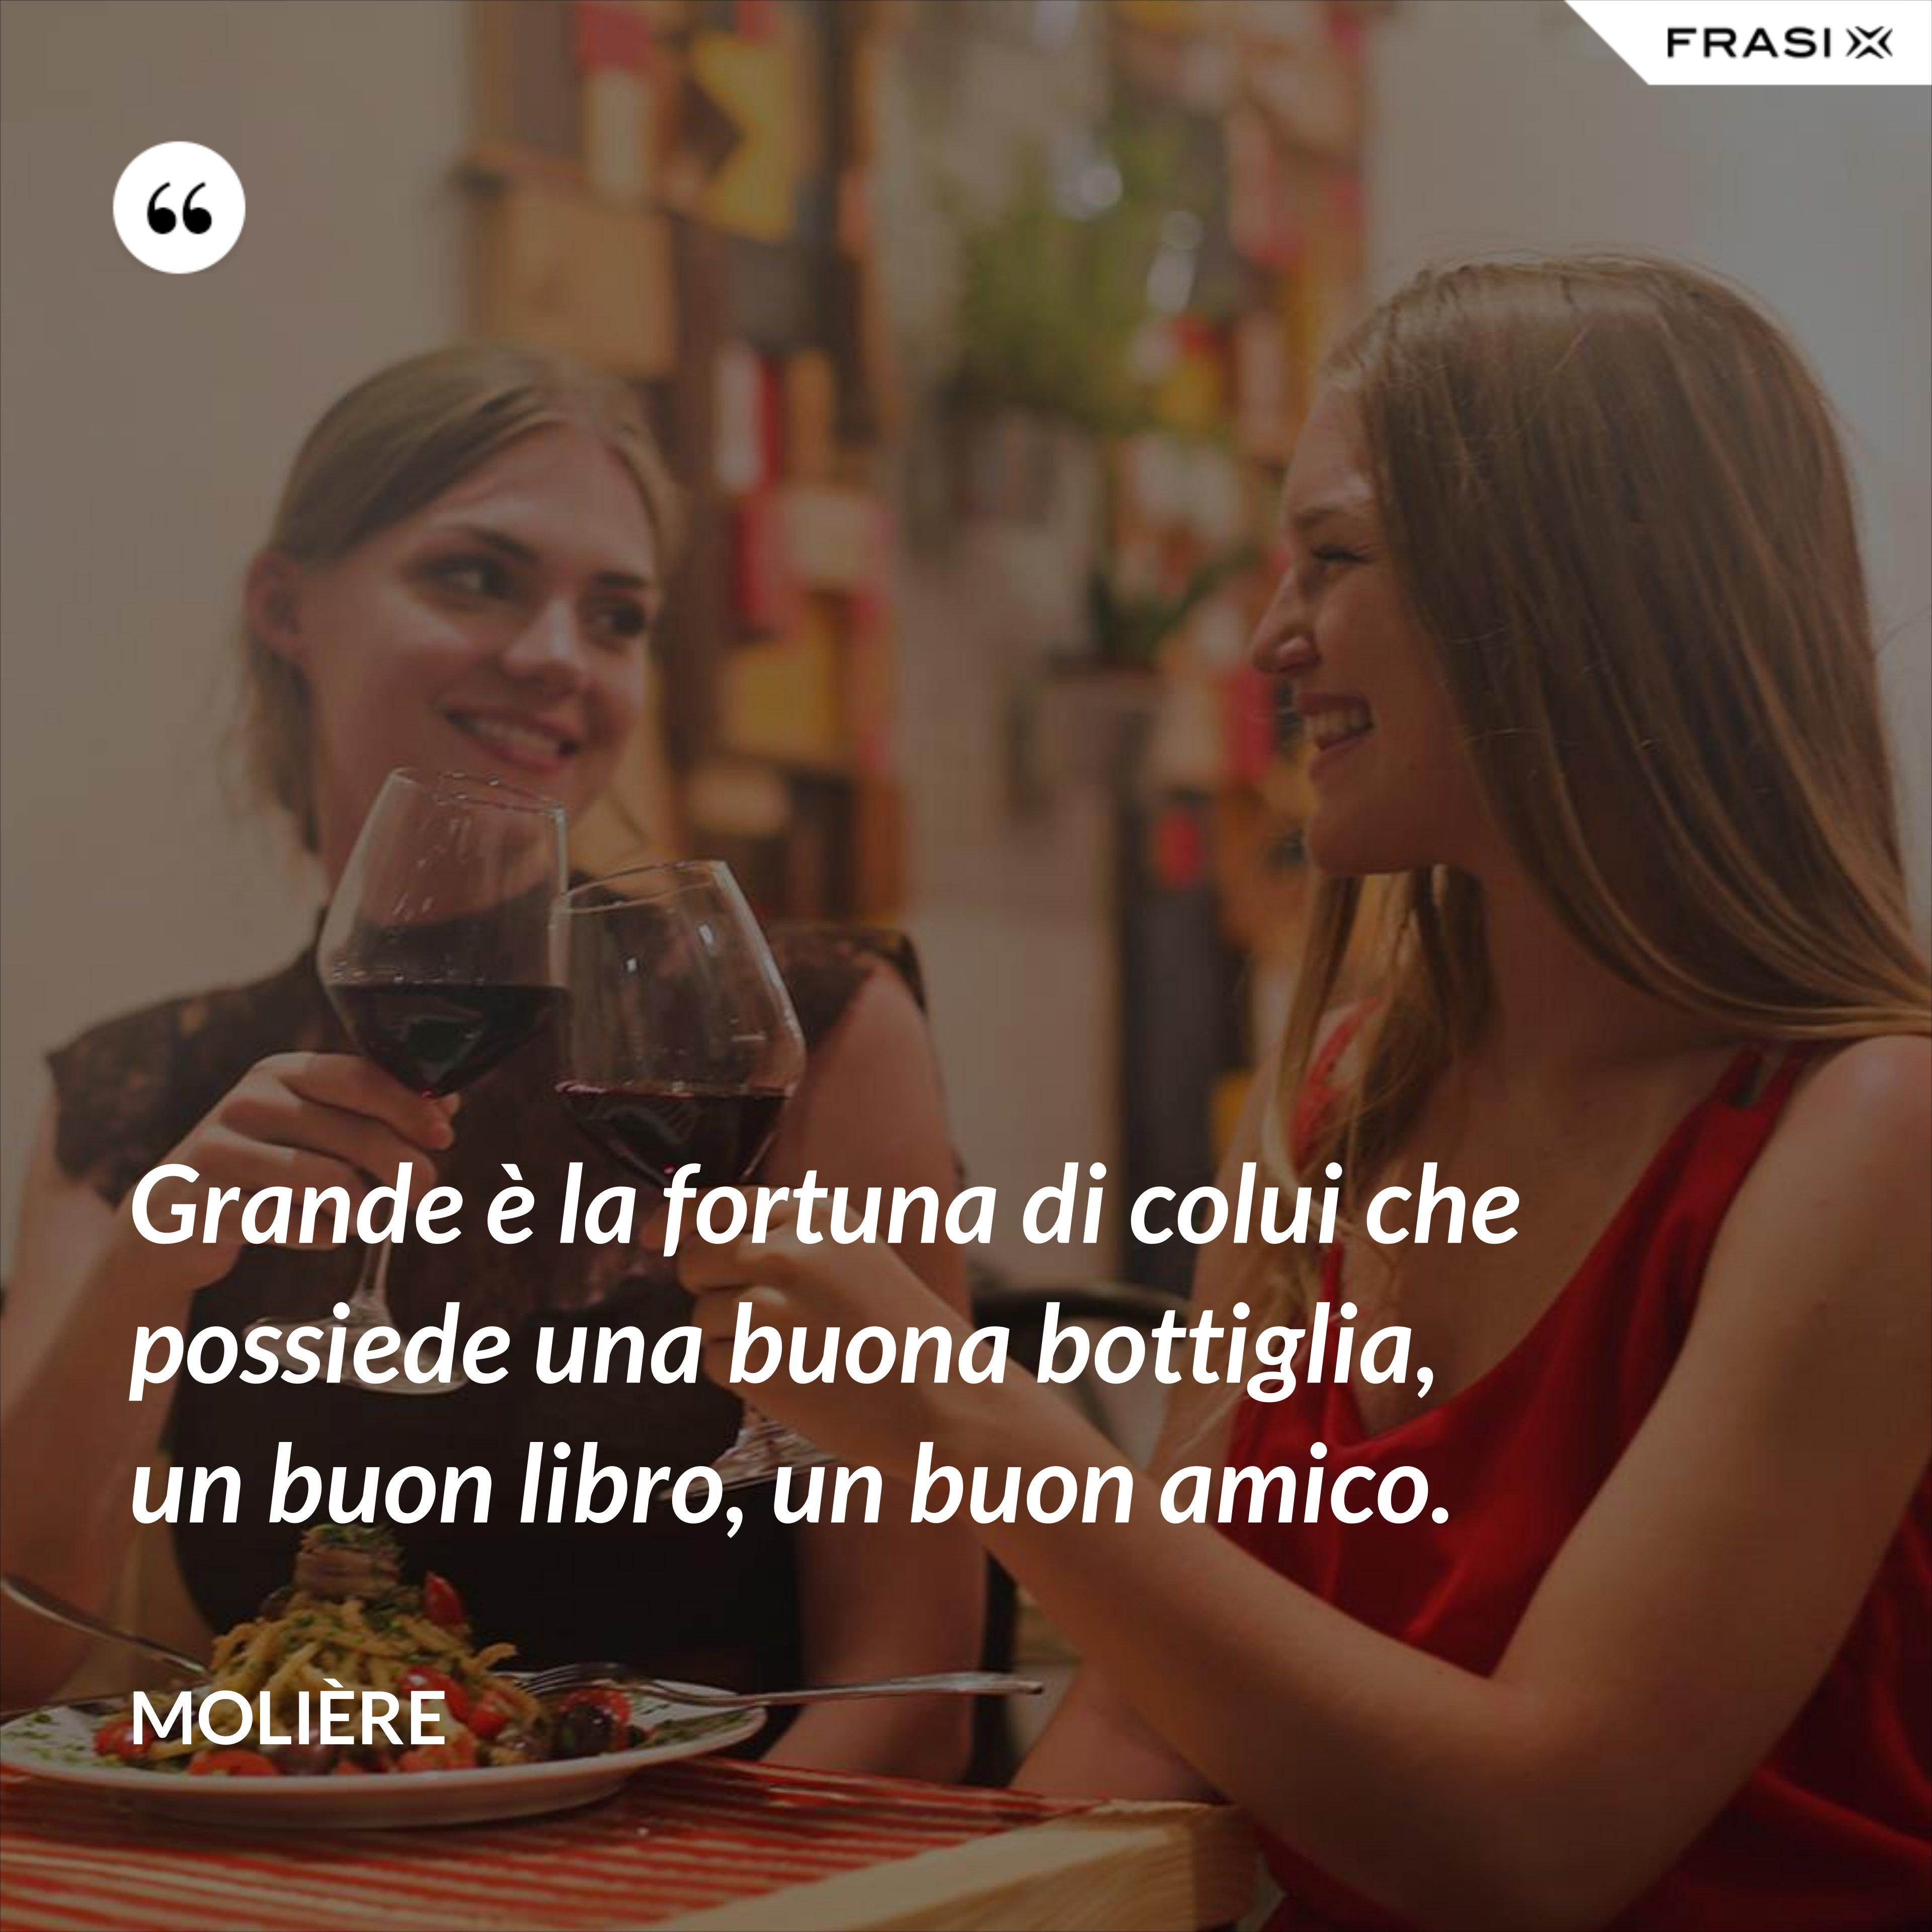 Grande è la fortuna di colui che possiede una buona bottiglia, un buon libro, un buon amico. - Molière